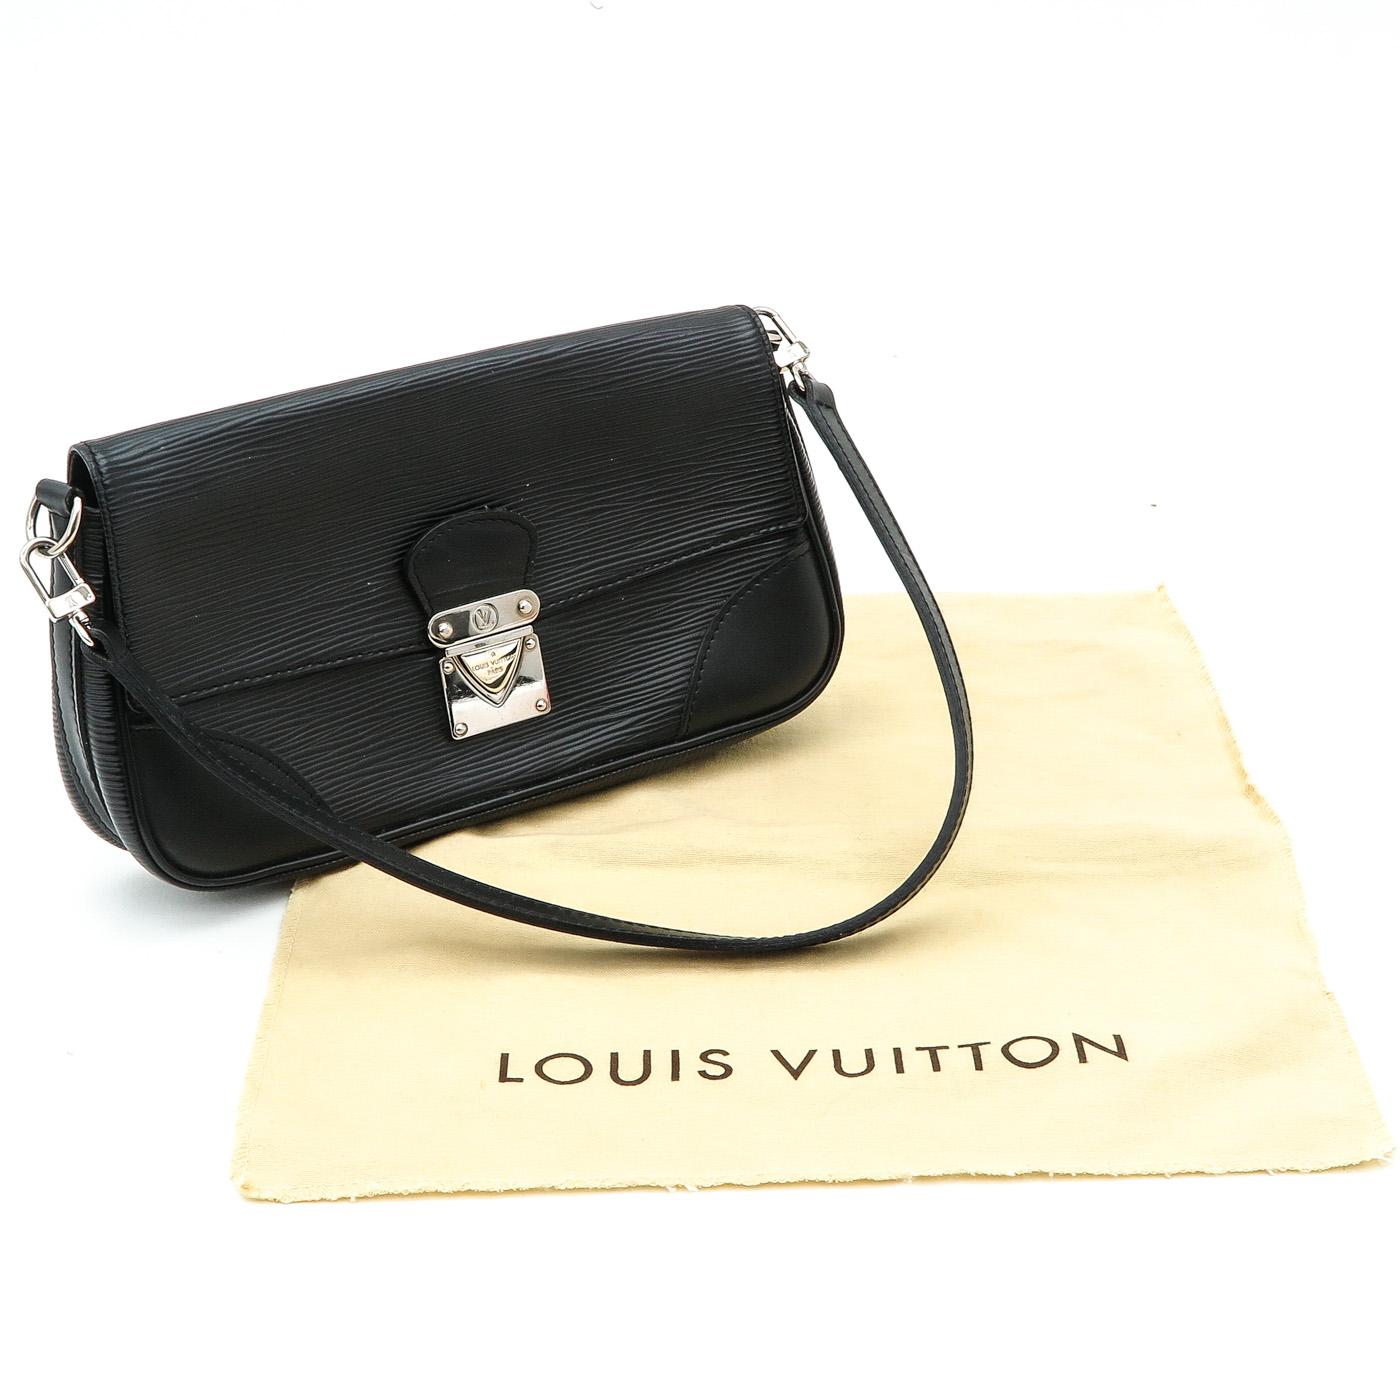 Lot 1270 - A Louis Vuitton Ladies Epi Leather Bag